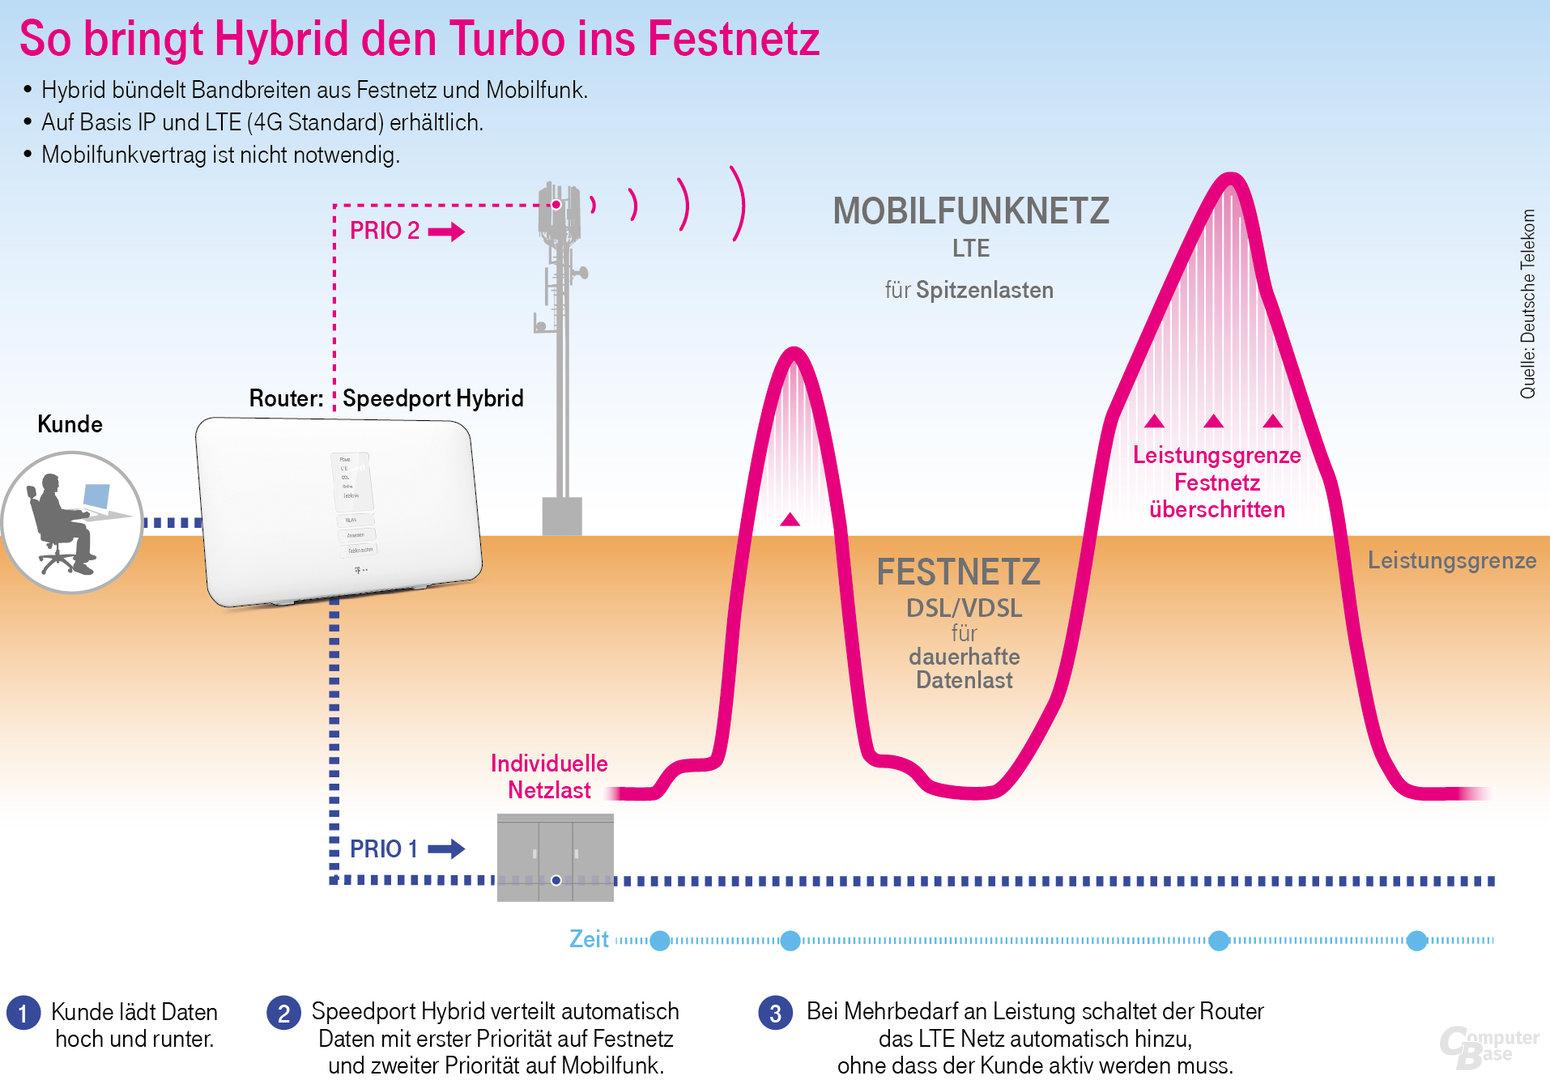 Speedport Hybrid: Router der Telekom kombiniert LTE und